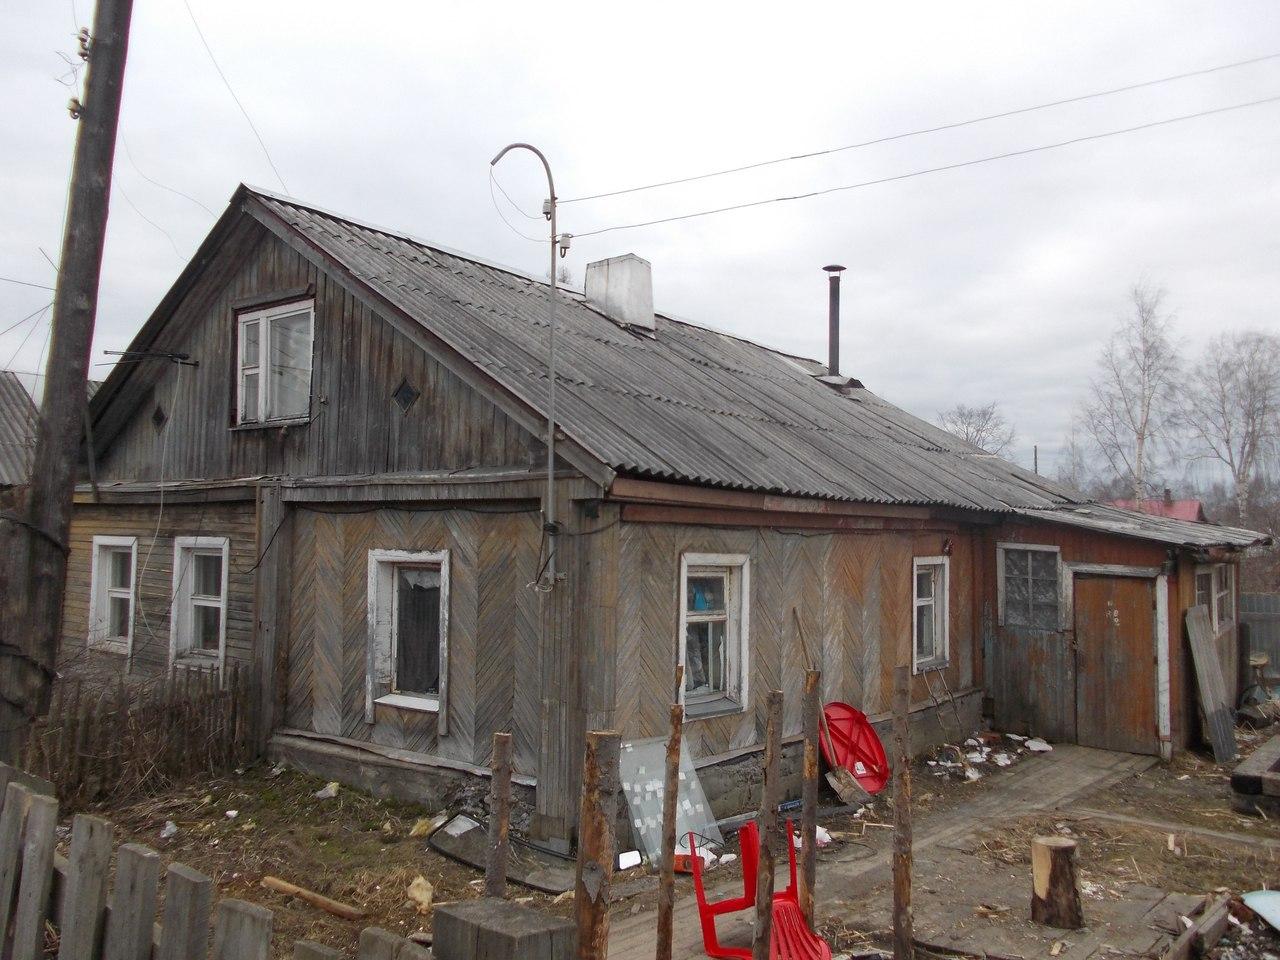 улица полярная фото домов петрозаводск замок